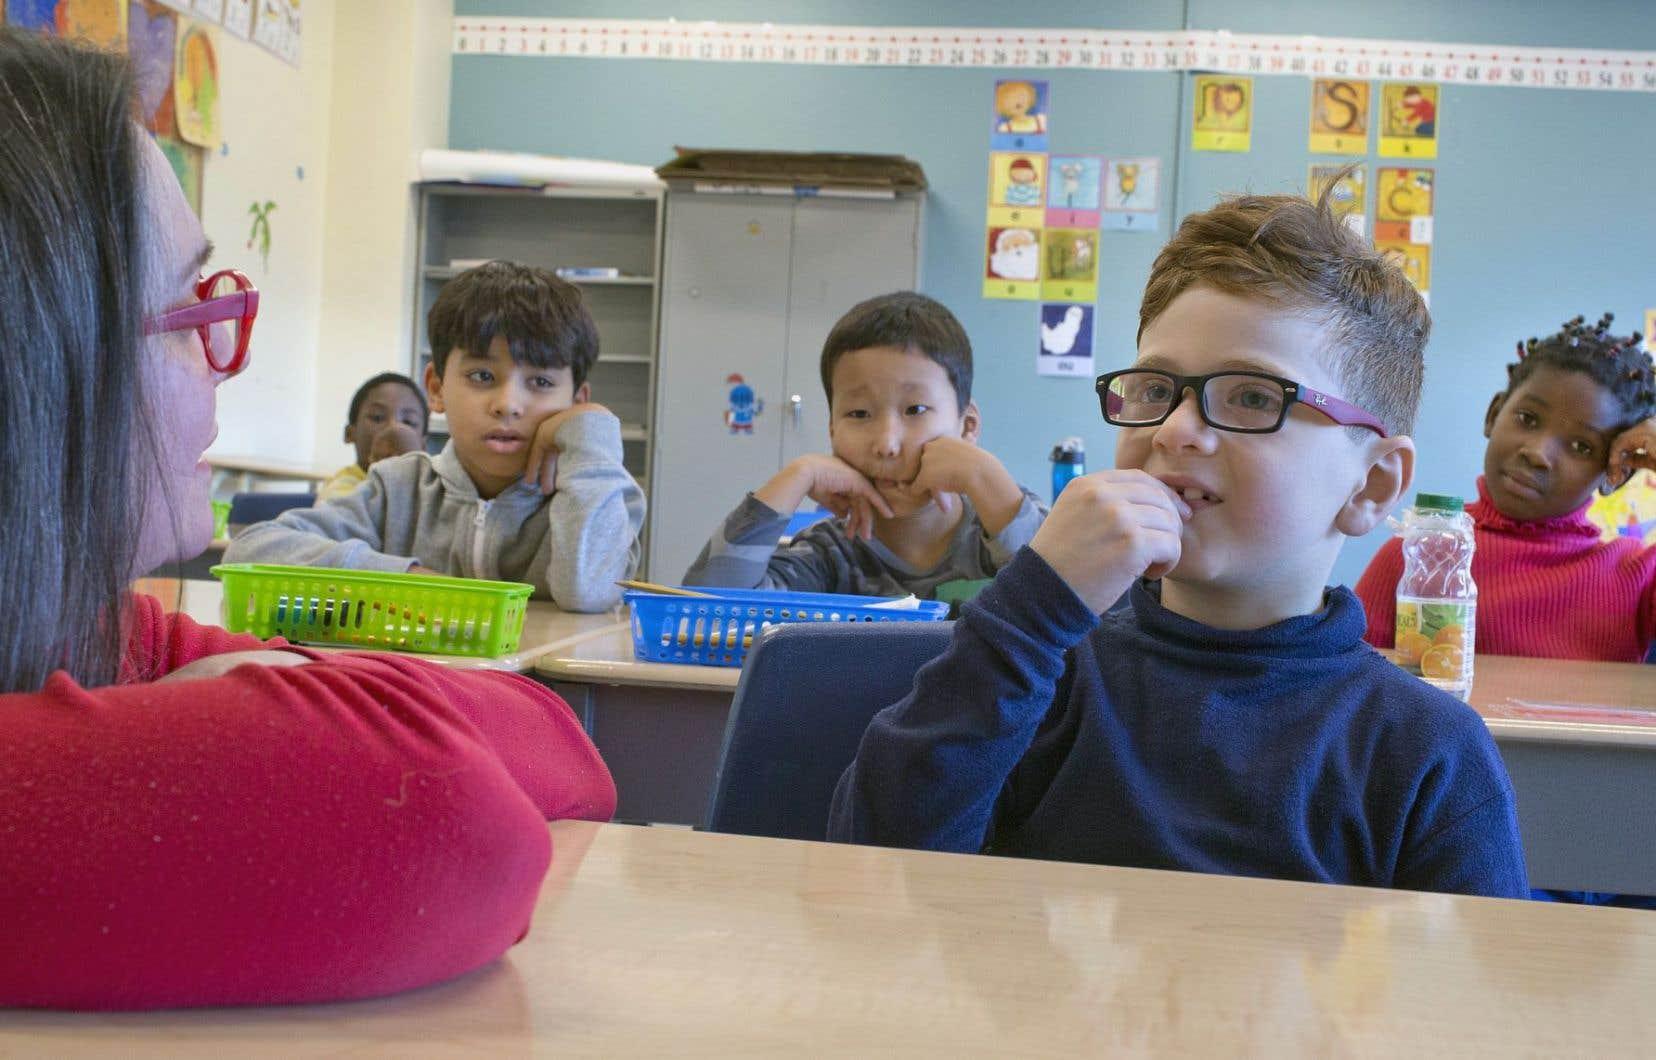 Malgré des avancées majeures du Québec pour adapter son système éducatif à la diversité, notamment pour accueillir les jeunes issus de l'immigration dans le secteur français, la recherche québécoise révèle cependant des «zones de vulnérabilité», qui prennent parfois la forme de processus ou de pratiques qui ont des effets involontairement préjudiciables sur les parcours scolaires.